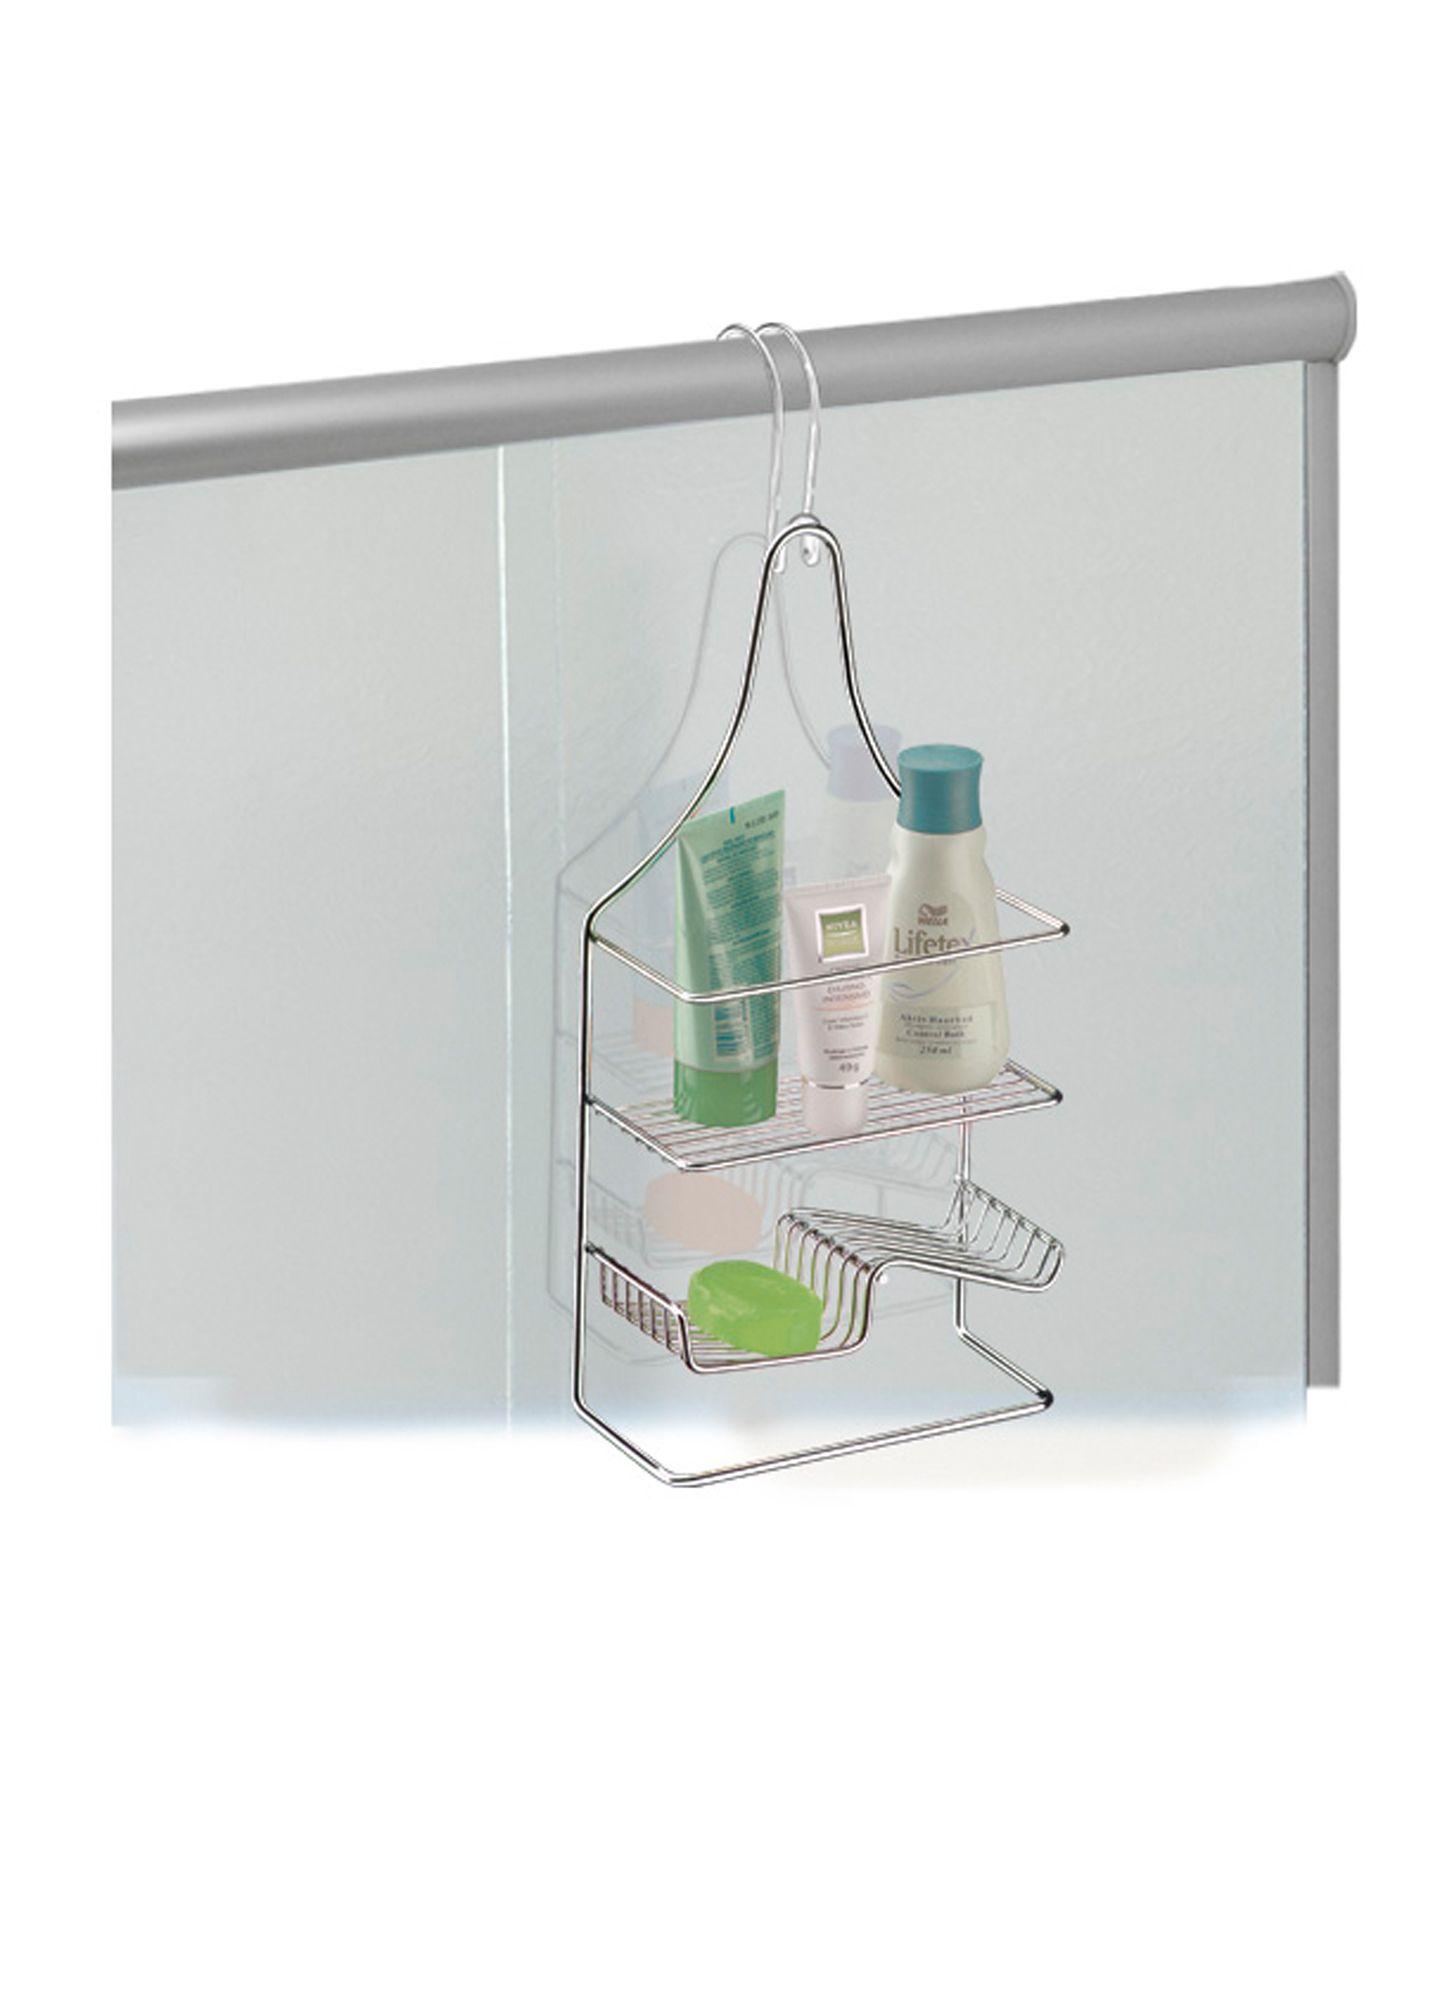 Suporte para Shampoo/Sabonete de Bancada/Box/Registro